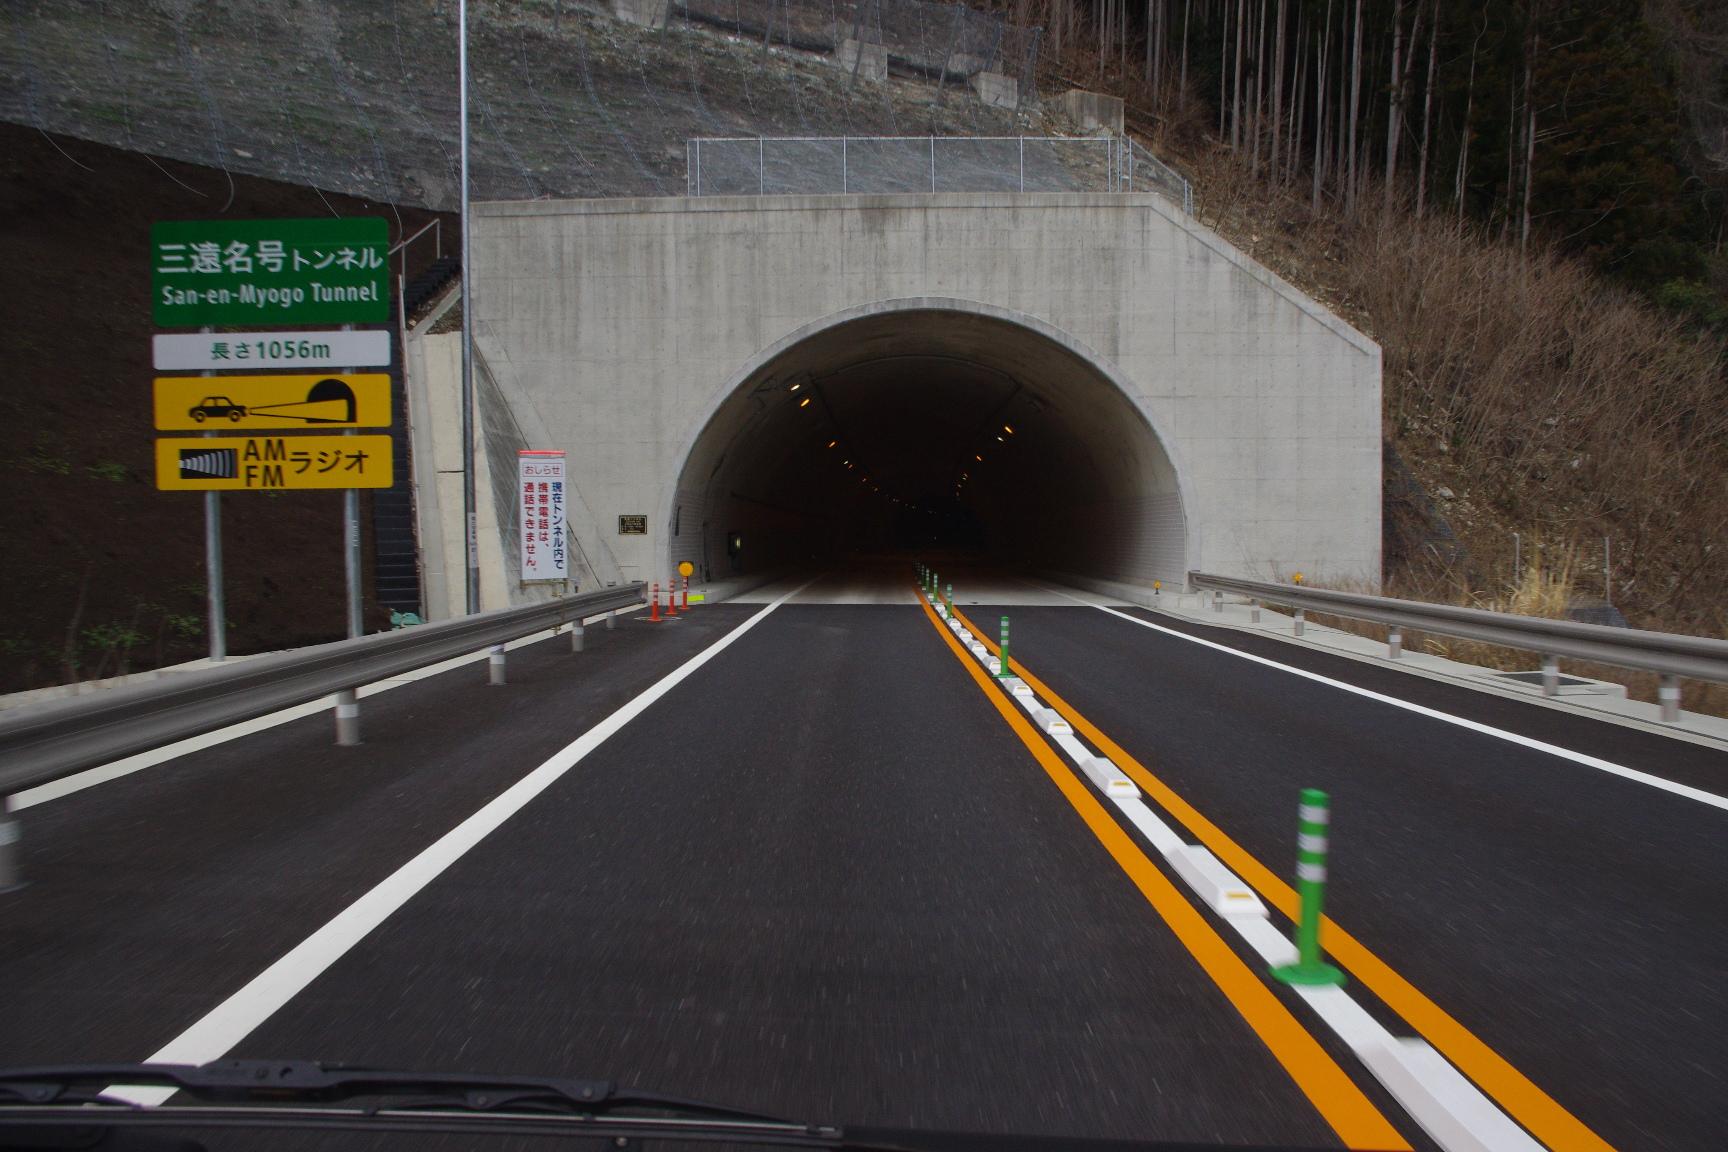 「三遠名号トンネル」1,056m